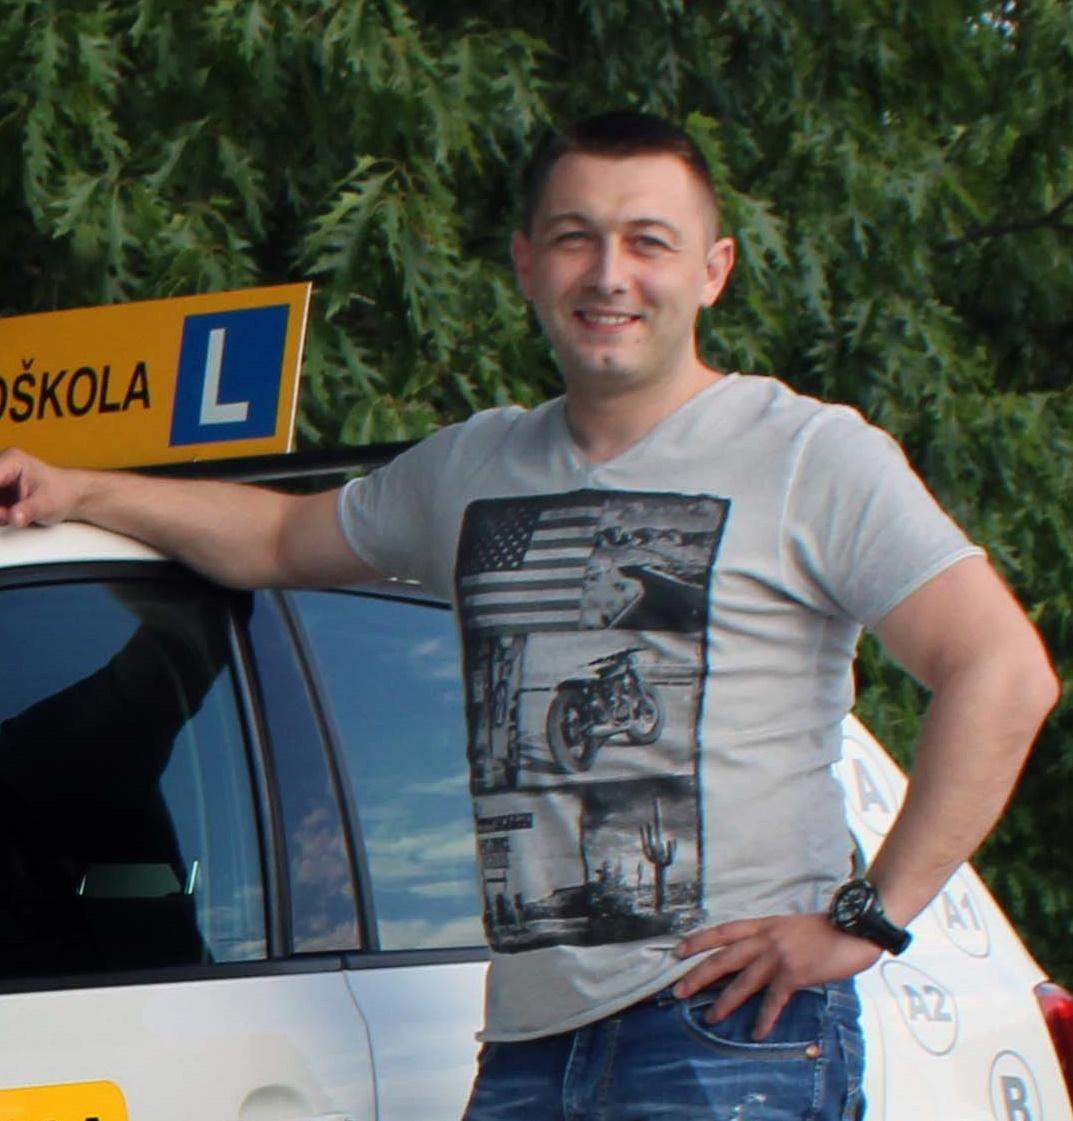 Instruktor Slaven Polović